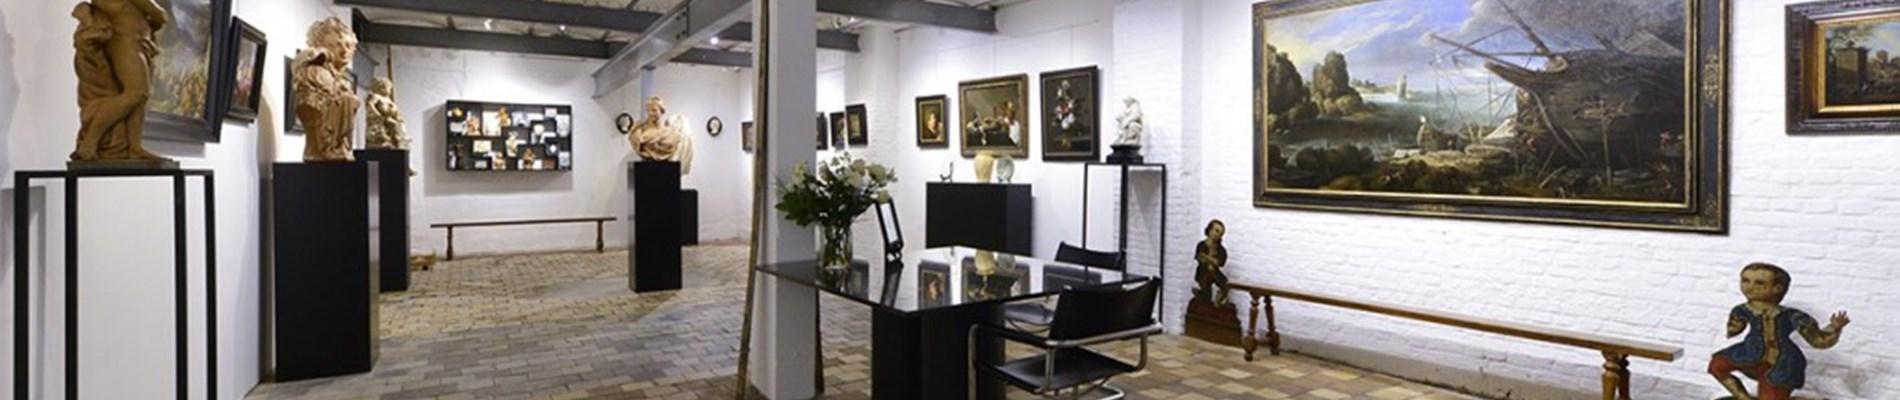 Galerie Lowet de Wotrenge